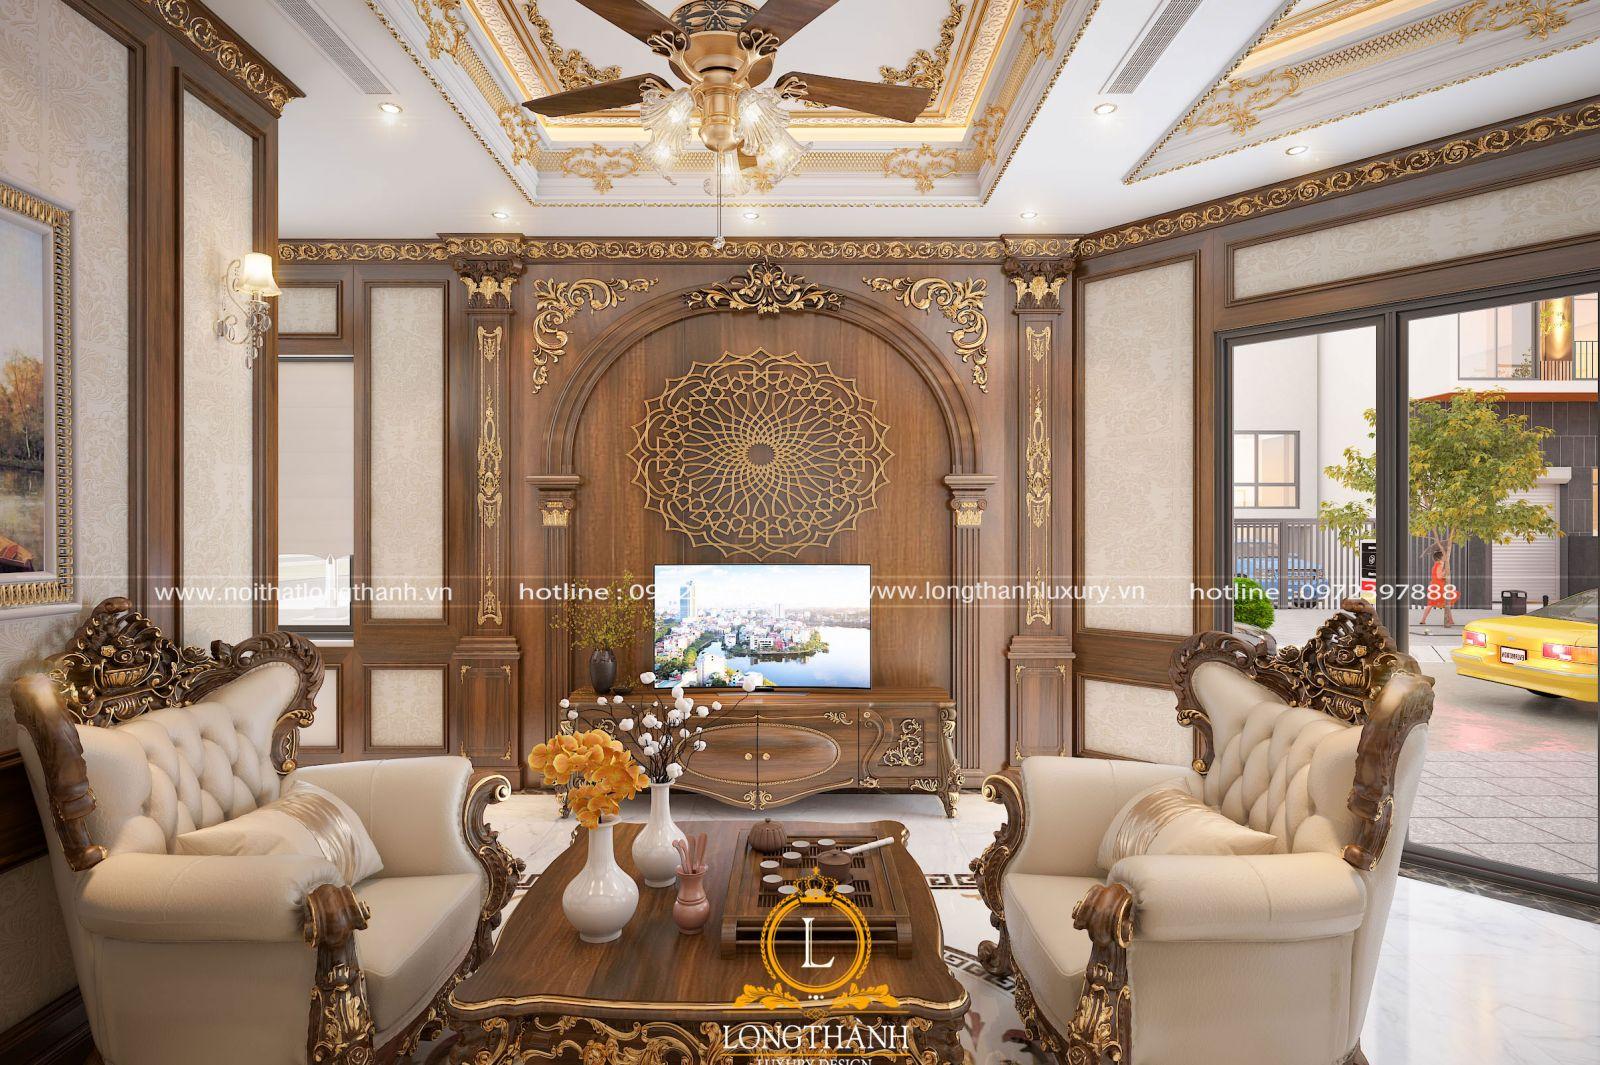 Sofa gỗ kết hợp da cho không gian phòng khách nhà phố hẹp